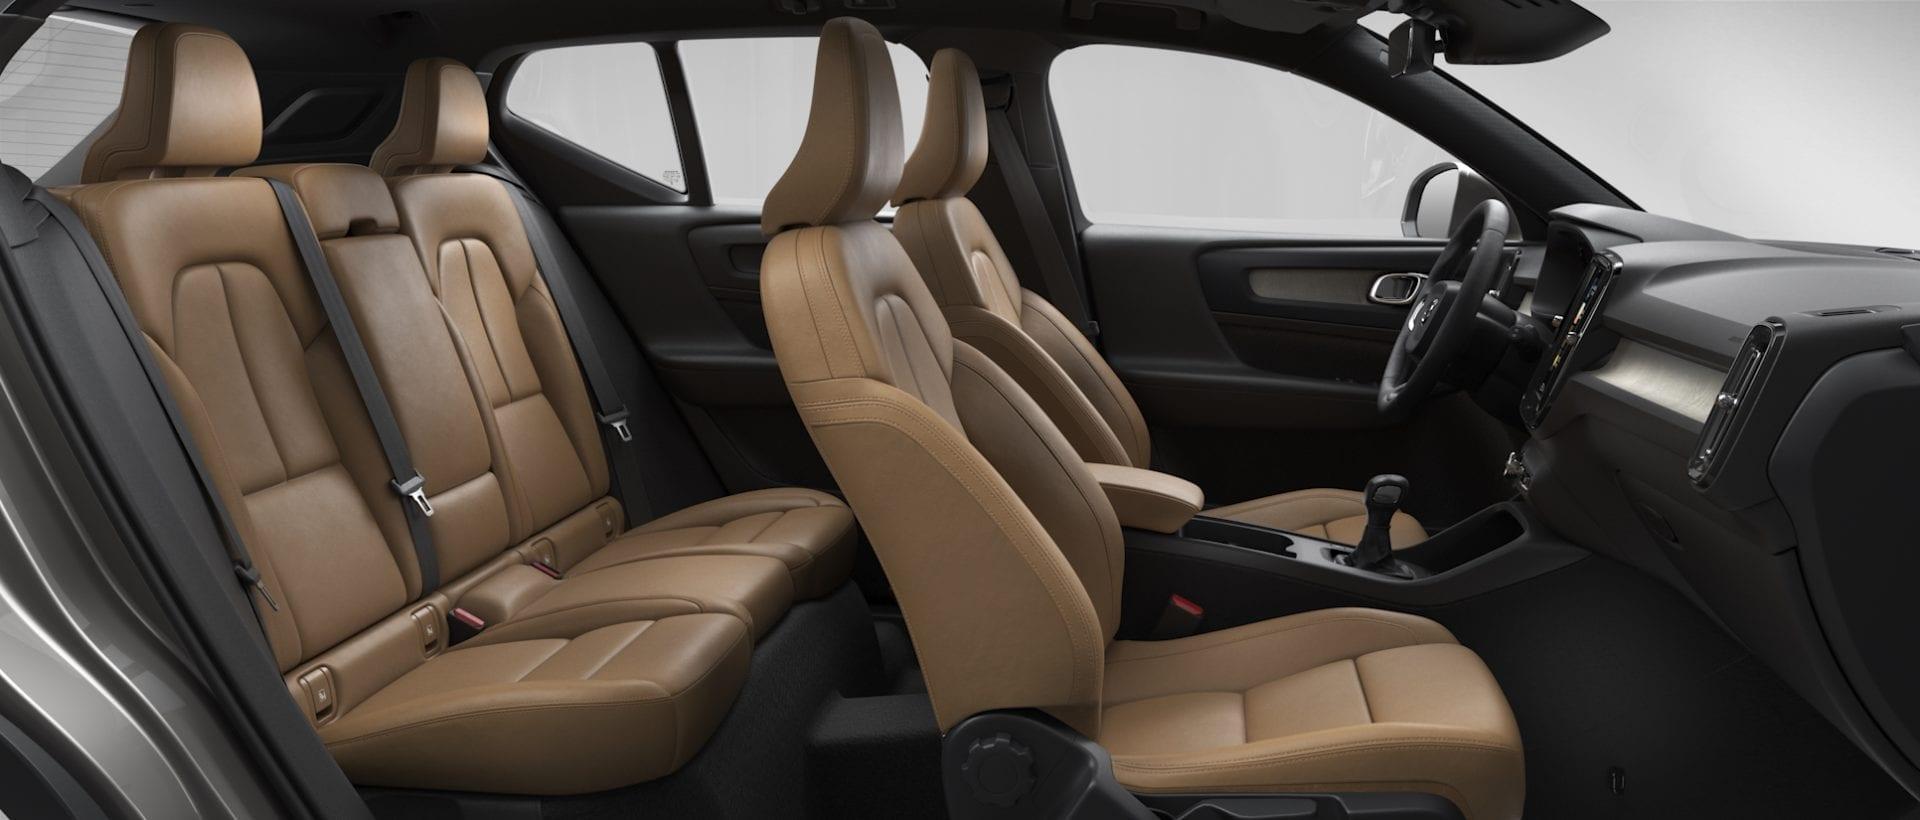 Volvo ХС40  фото интерьера 1